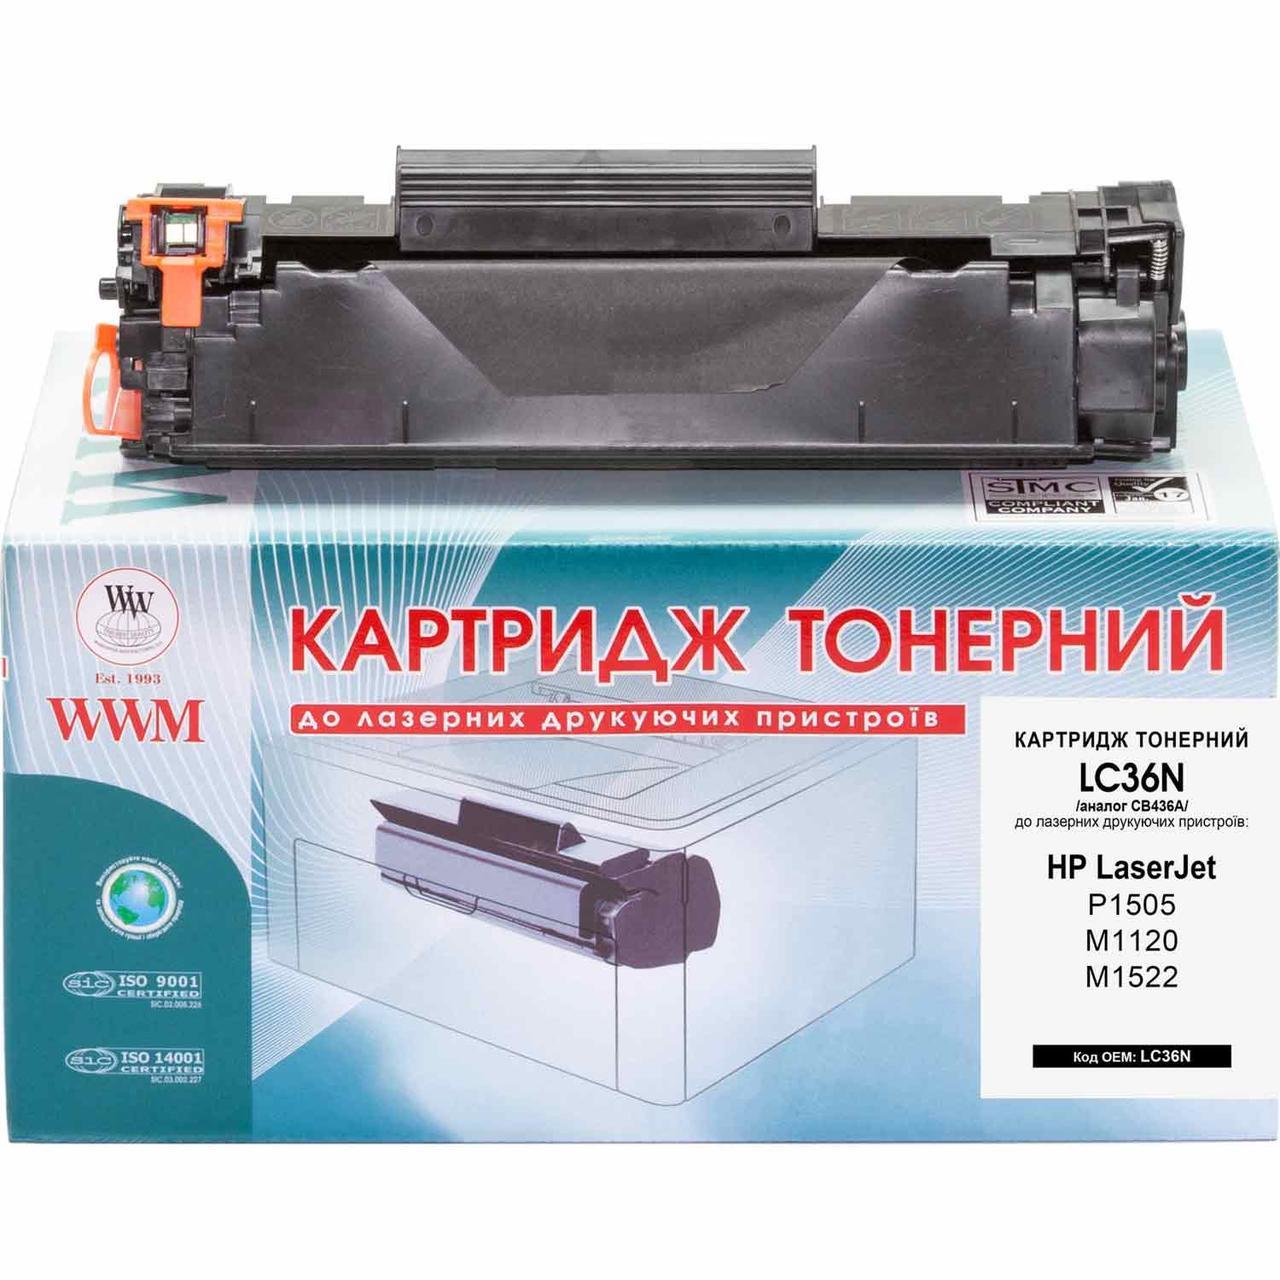 Картридж HP 36A (CB436A), Black, P1505/M1120/M1522, ресурс 2000 листов, WWM (LC36N)